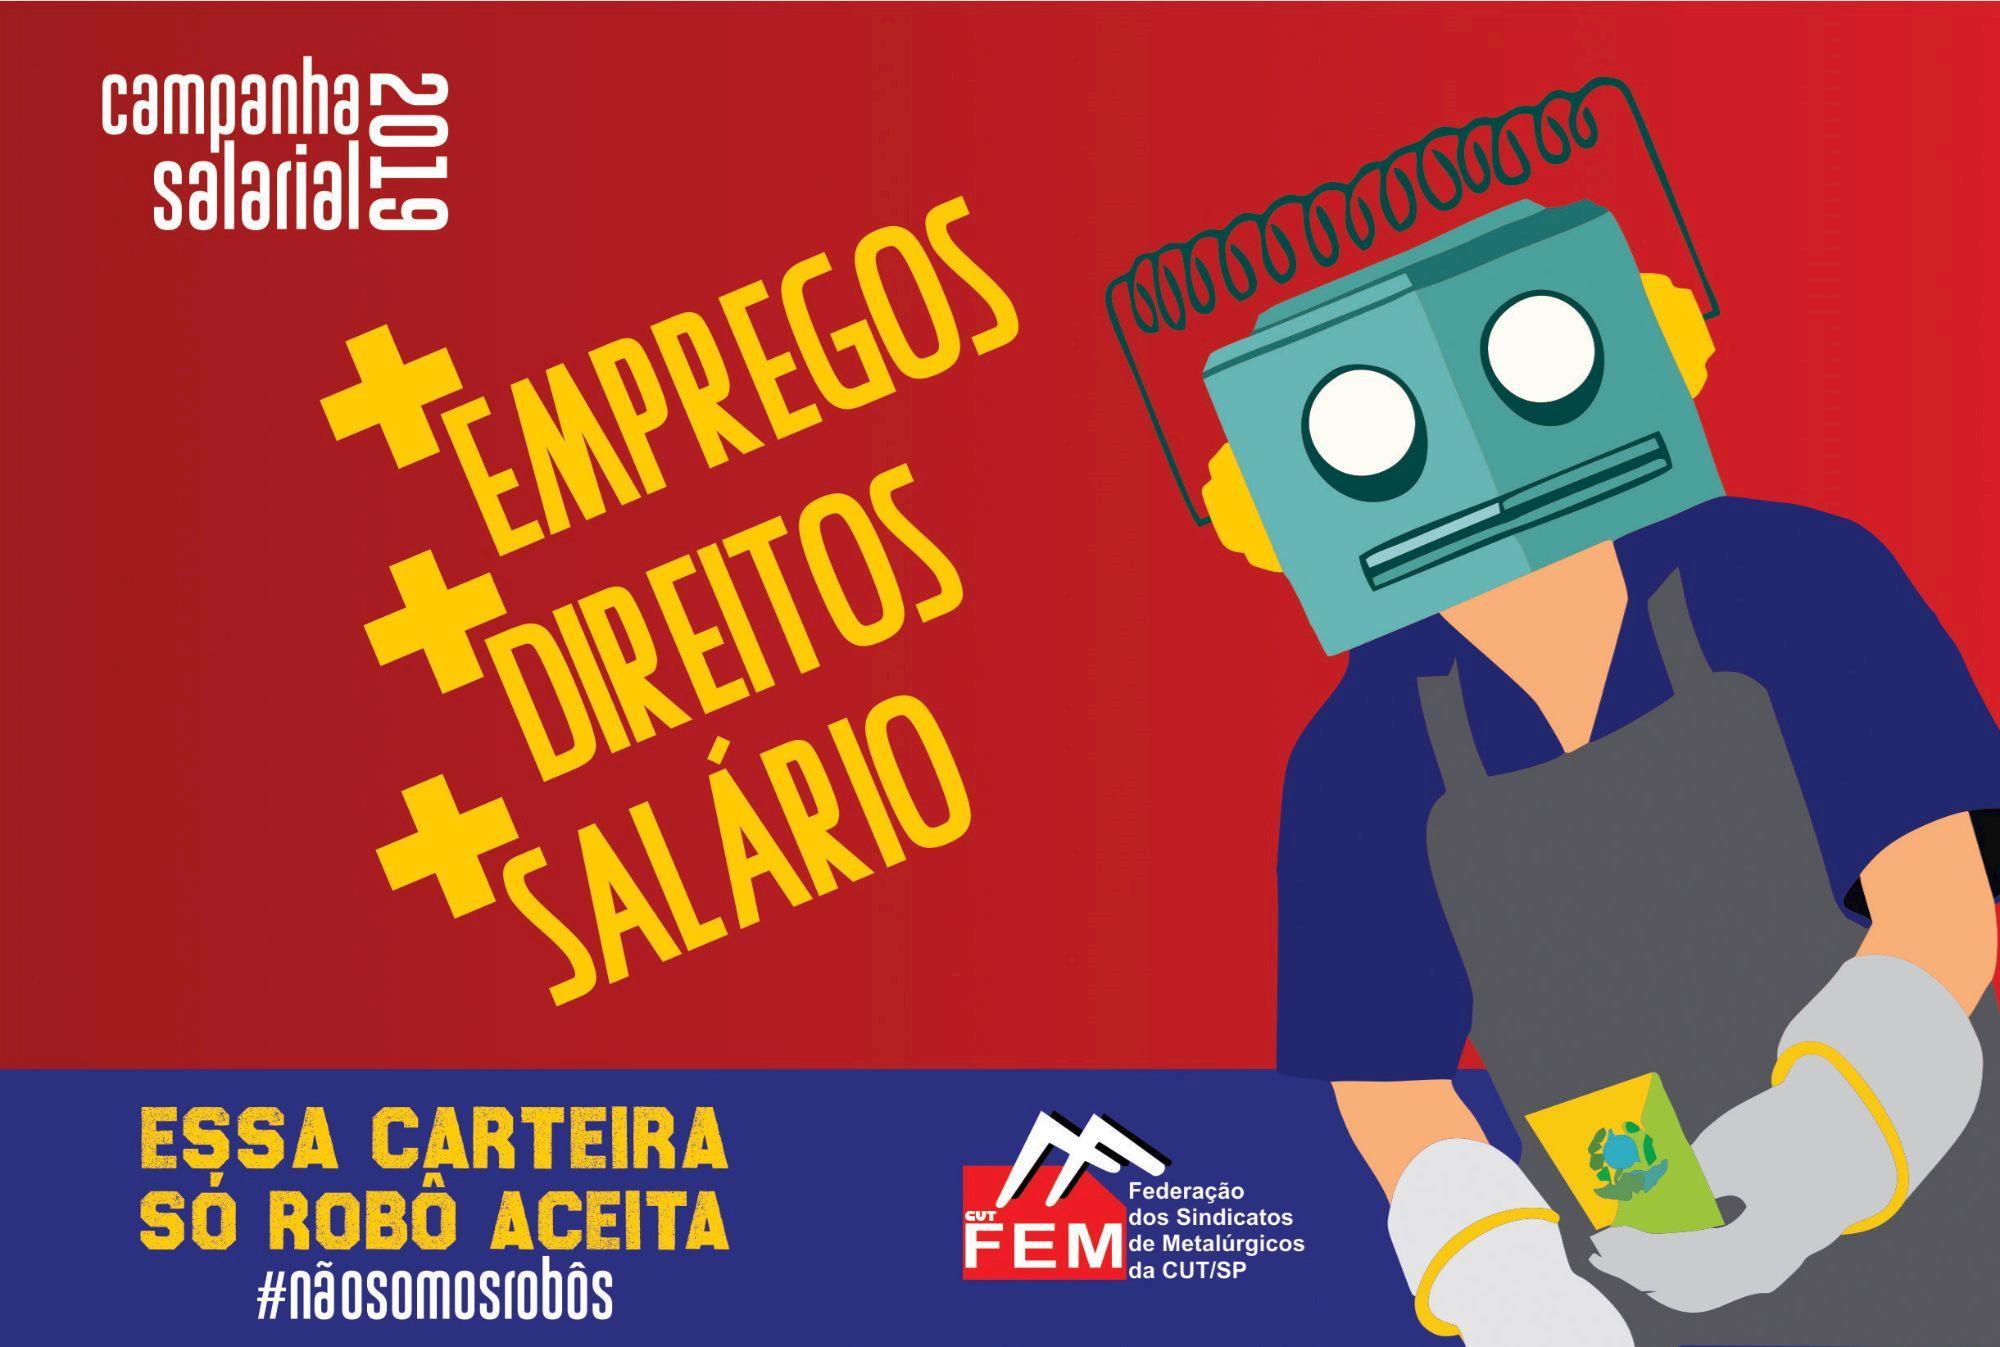 robo, campanha, salarial, smetal, sindicato, metalúrgicos, fem, Divulgação FEM/CUT